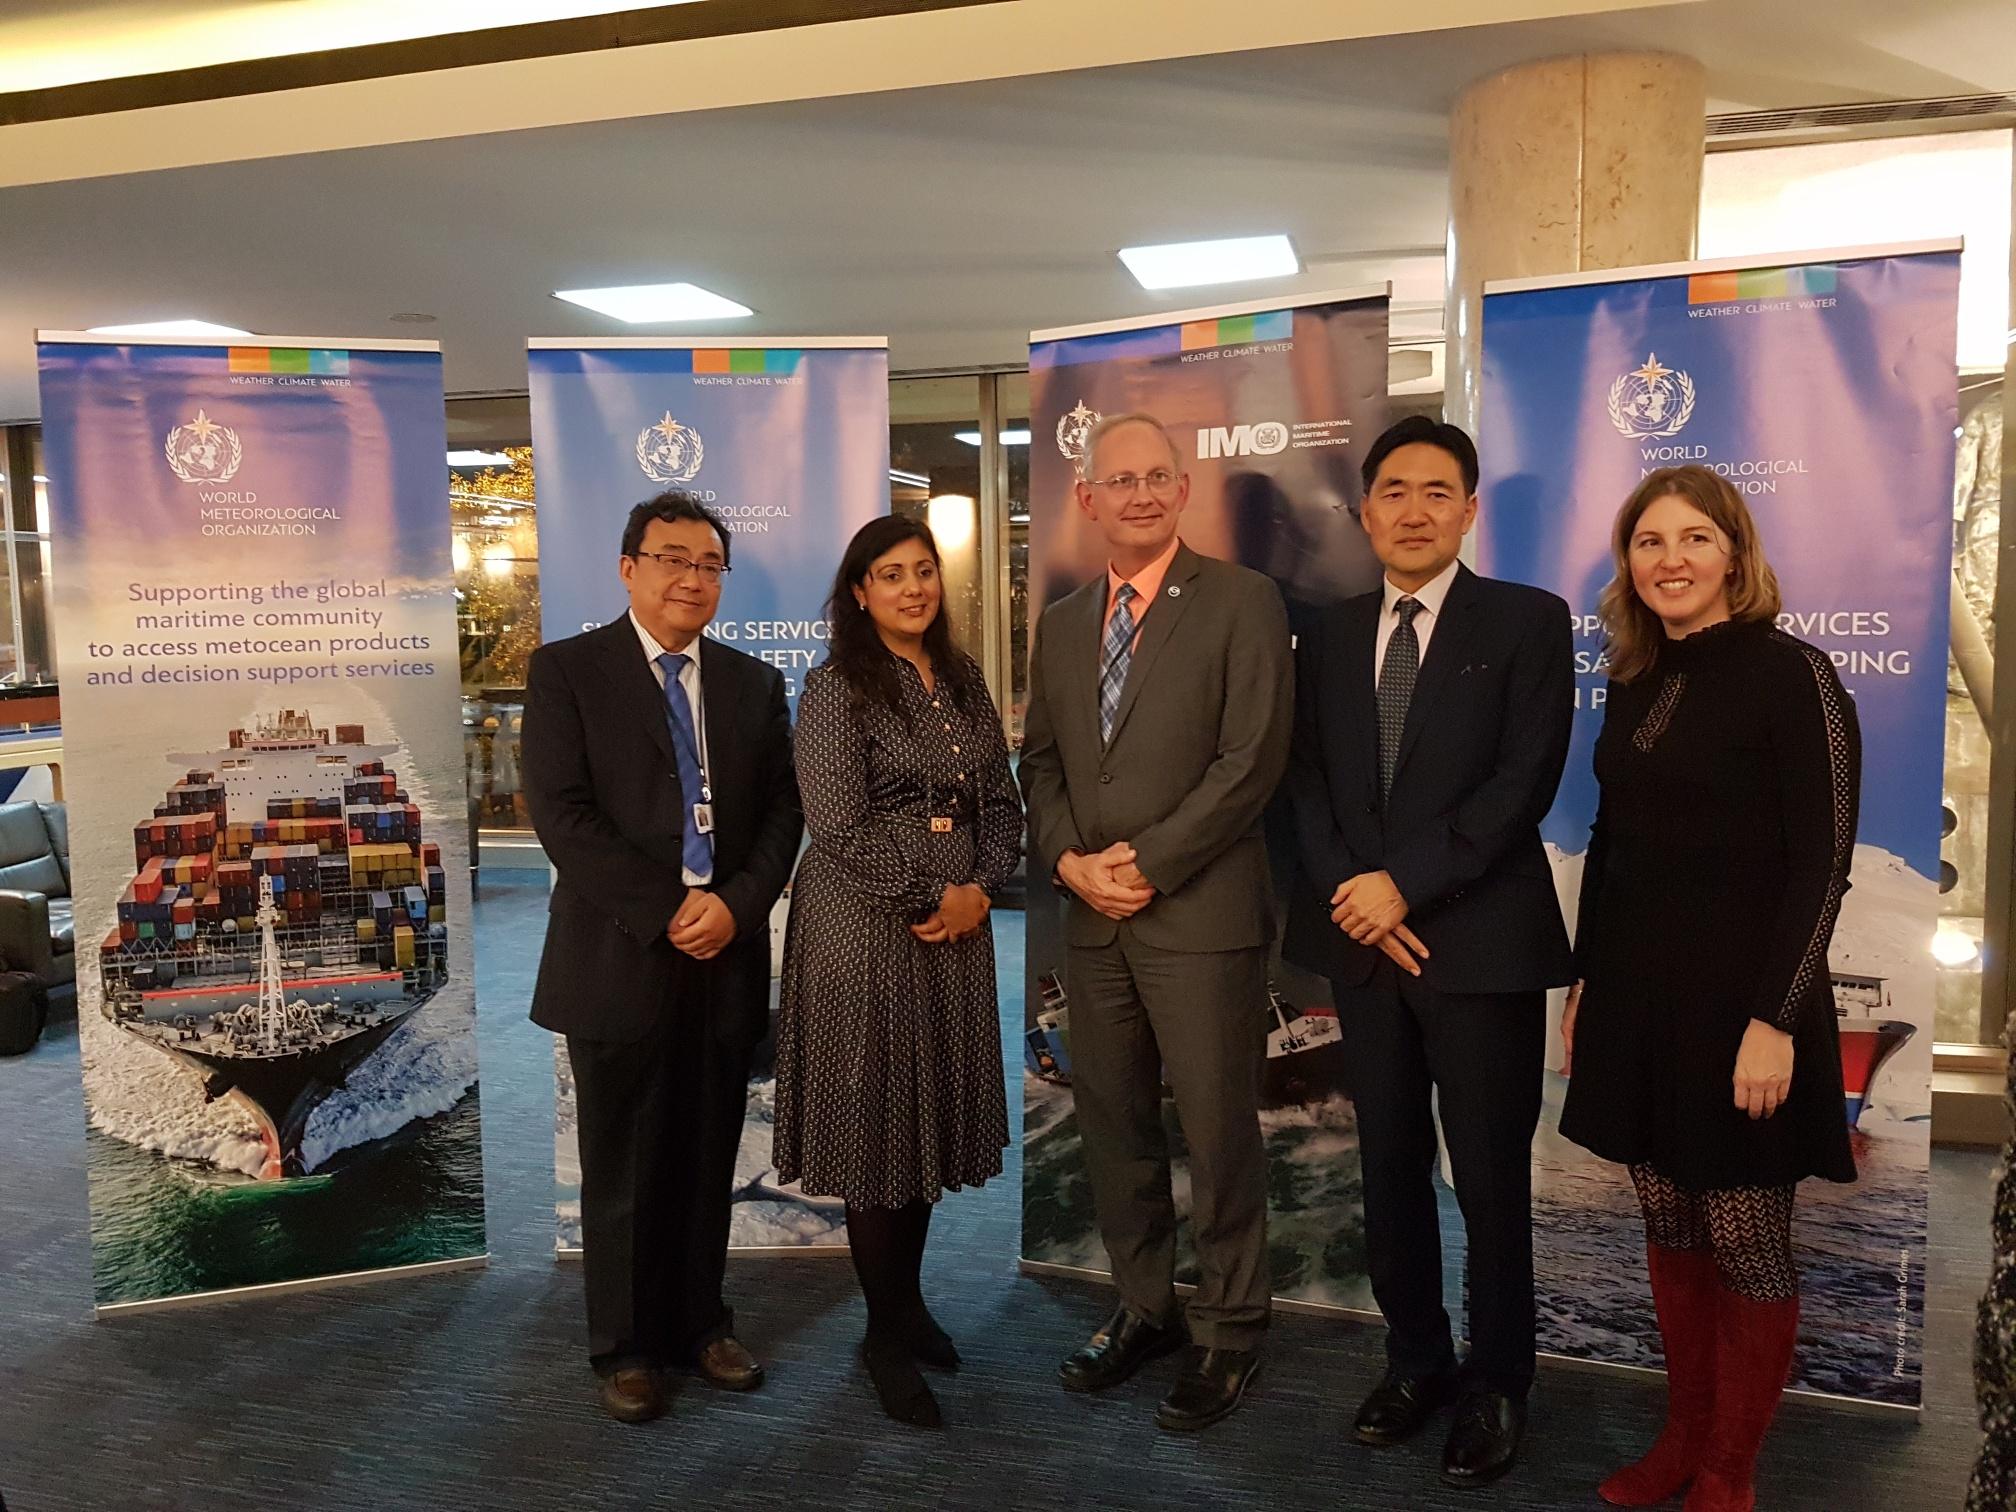 IMO-WMO symposium on extreme maritime weather